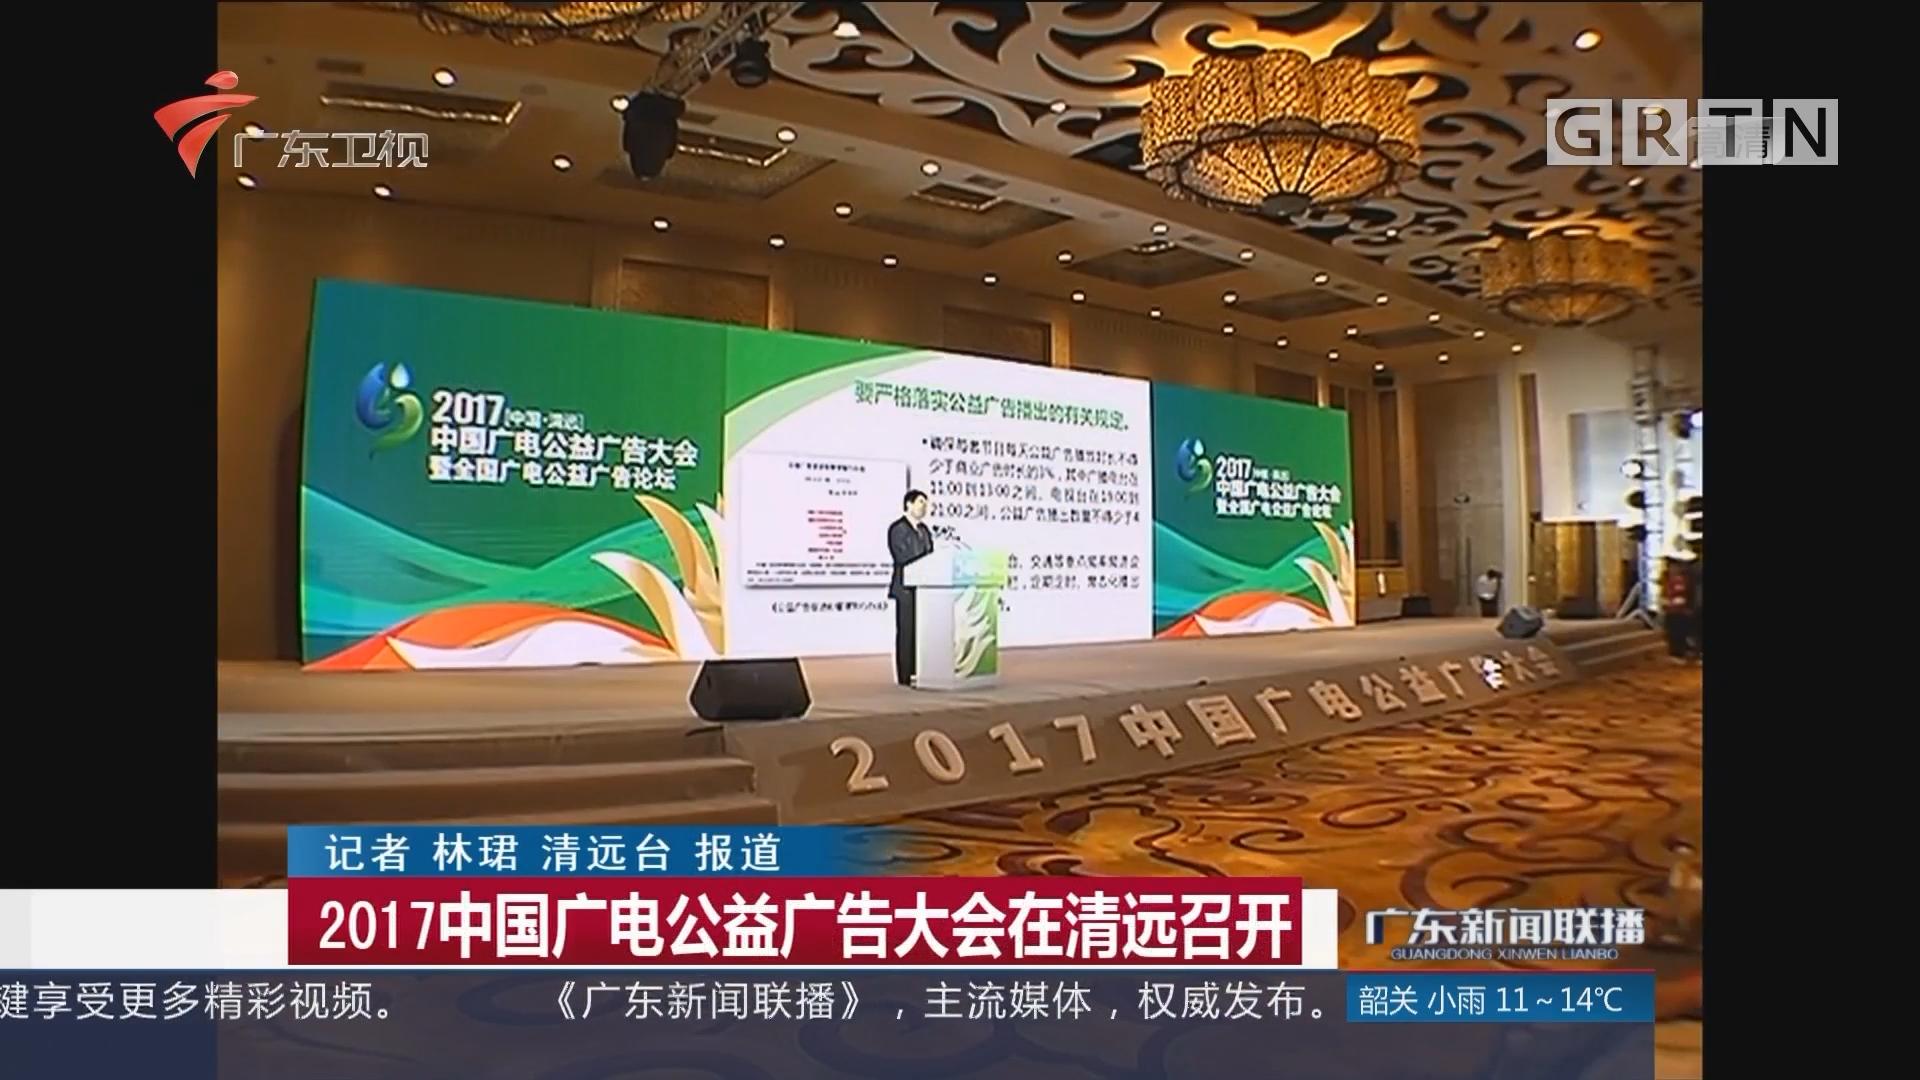 2017中国广电公益广告大会在清远召开